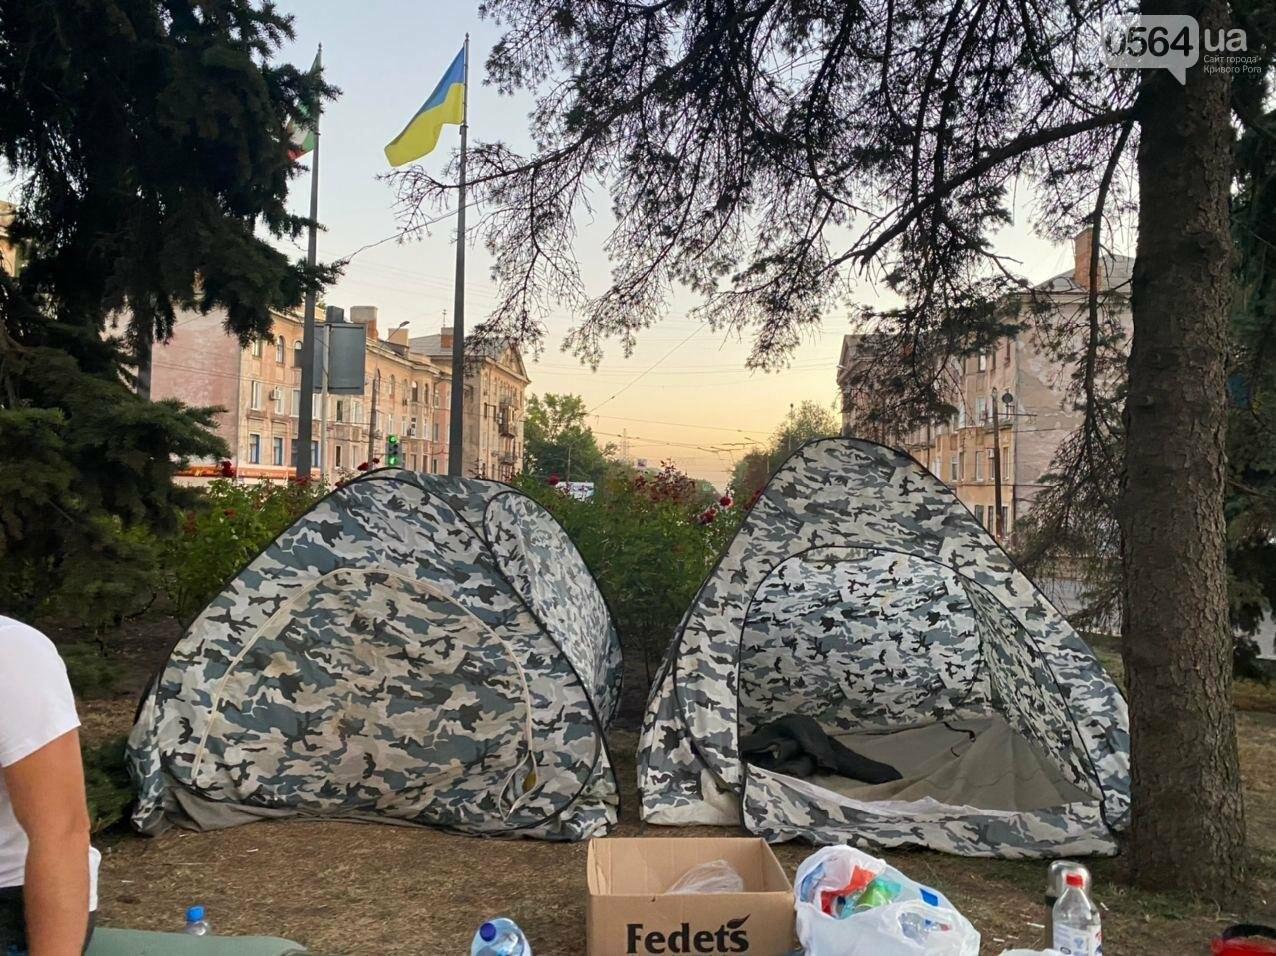 В поддержку горняков, которые бастуют под землей, криворожане разбили палаточный городок под админзданием КЖРК, - ФОТО, ВИДЕО , фото-14